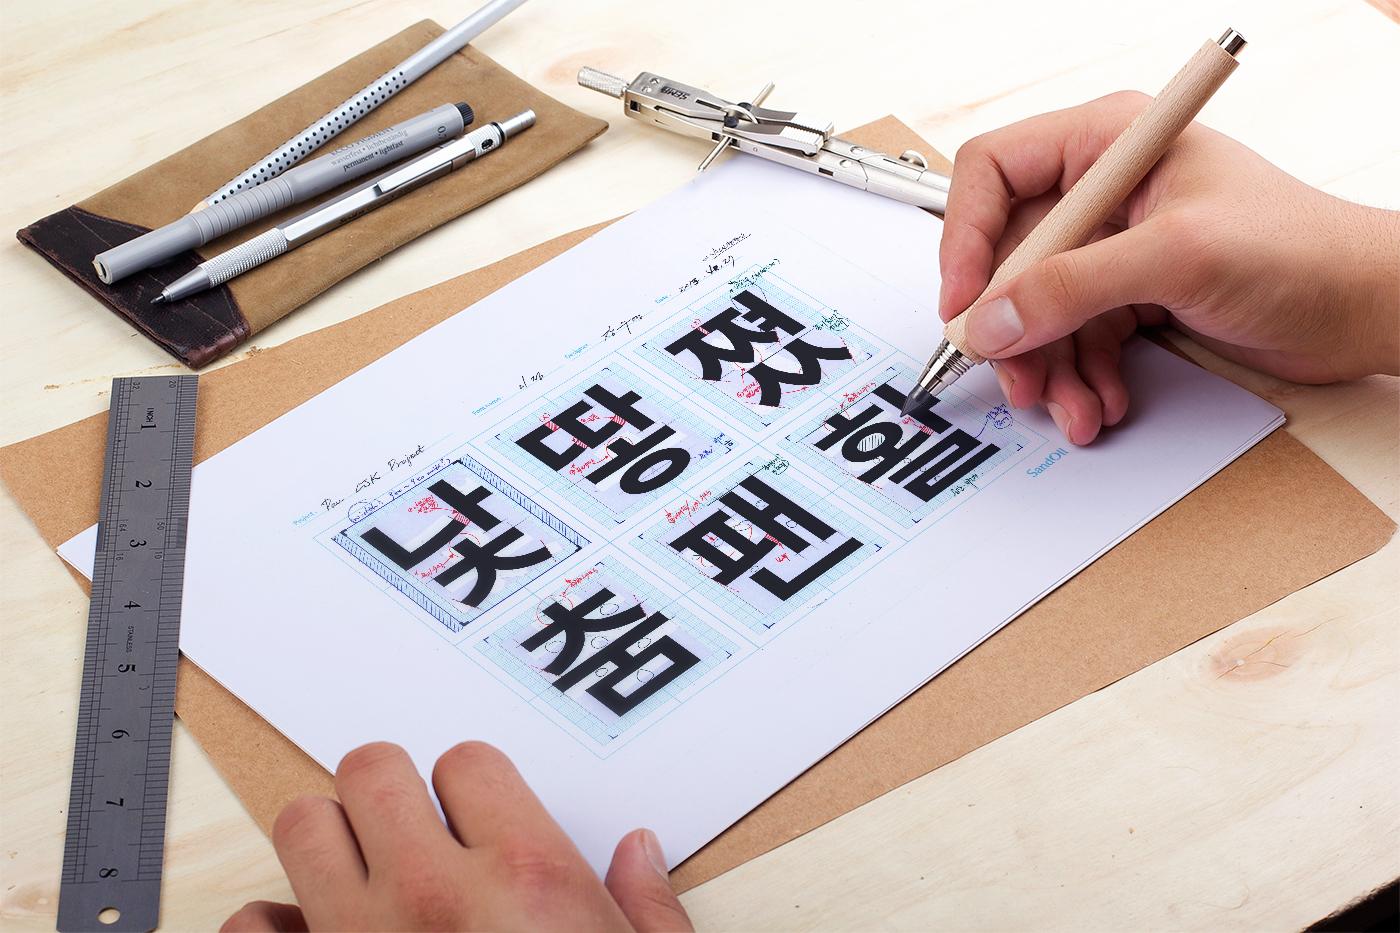 10. 산돌 (1): 한글은 본래 세로로 쓰기 위한 문자였다